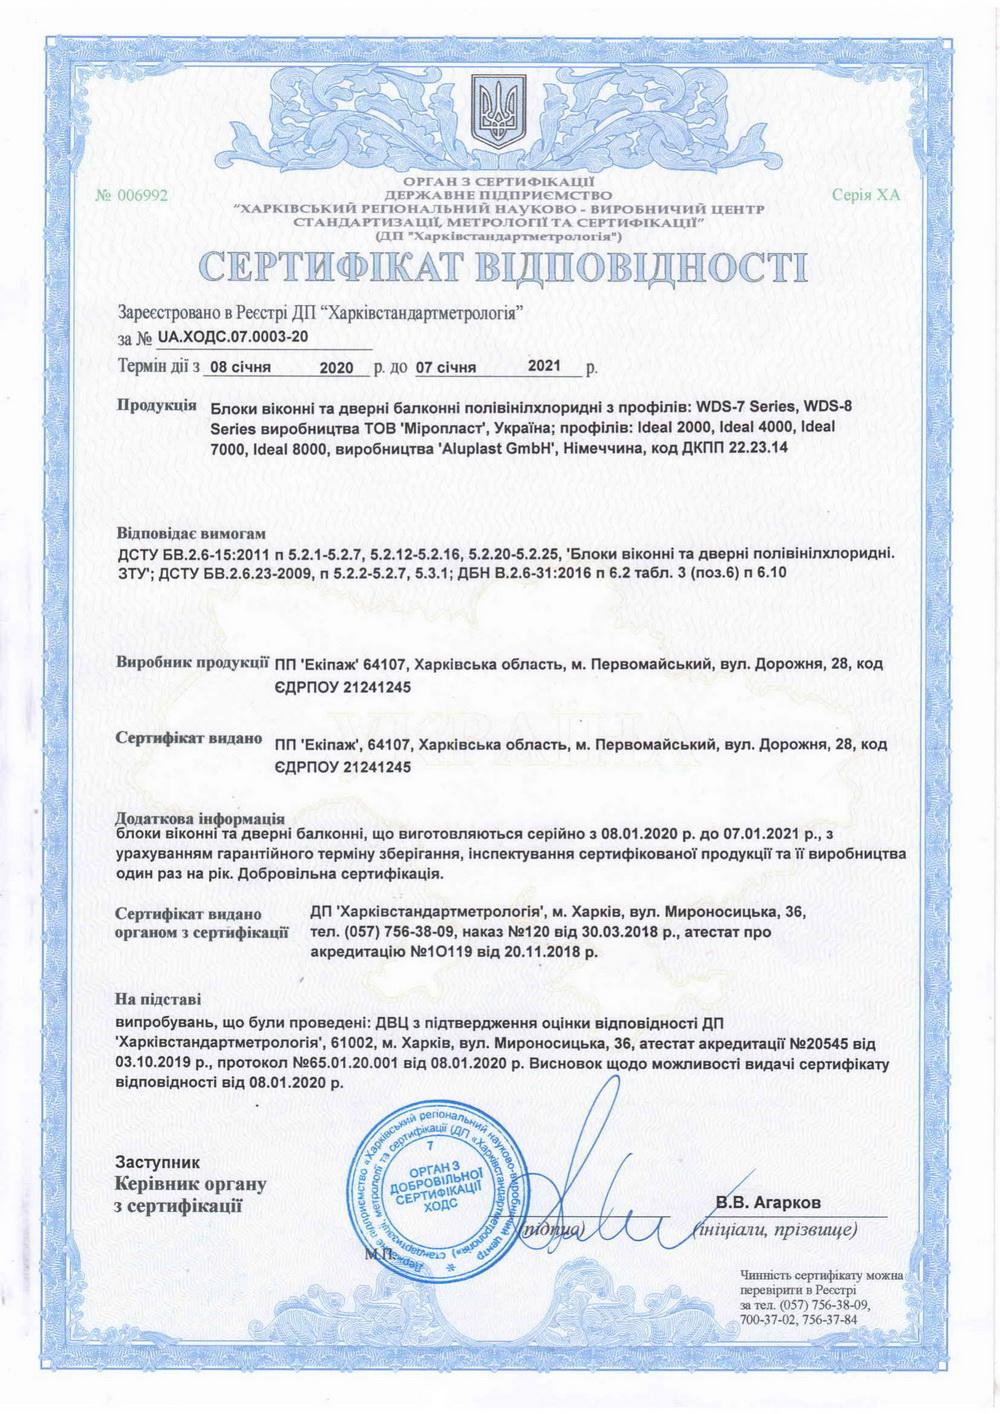 Сертифікат відповідності IDEAL 2000, IDEAL 4000, IDEAL 7000, IDEAL 8000, який допомагають дилерам EKIPAZH при роботі з клієнтами